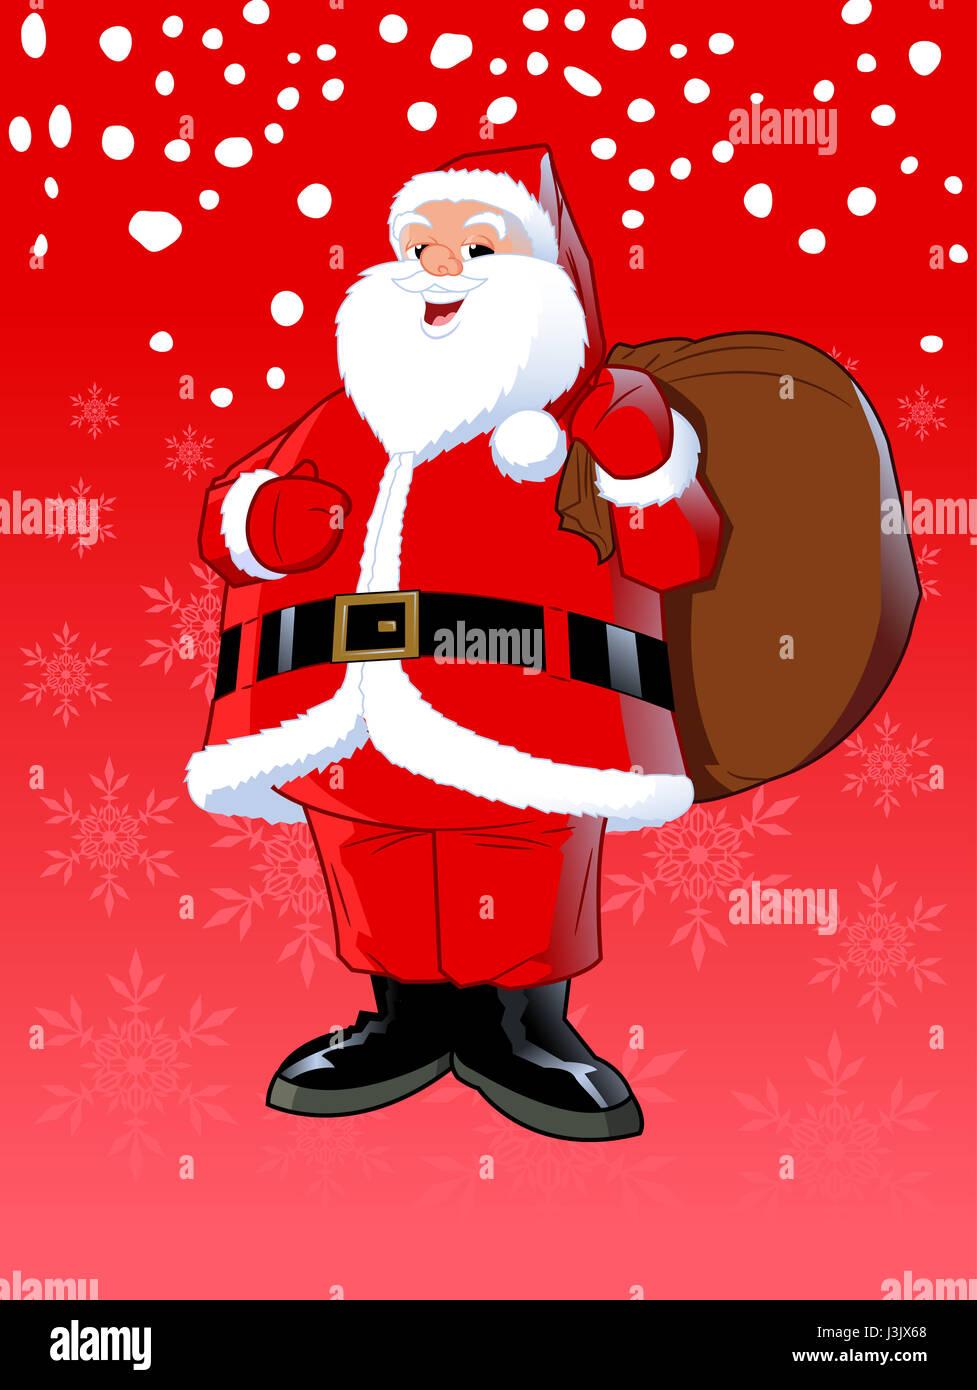 Immagini Babbo Natale Con Sacco.Babbo Natale Con Sacco Foto Immagine Stock 139942608 Alamy